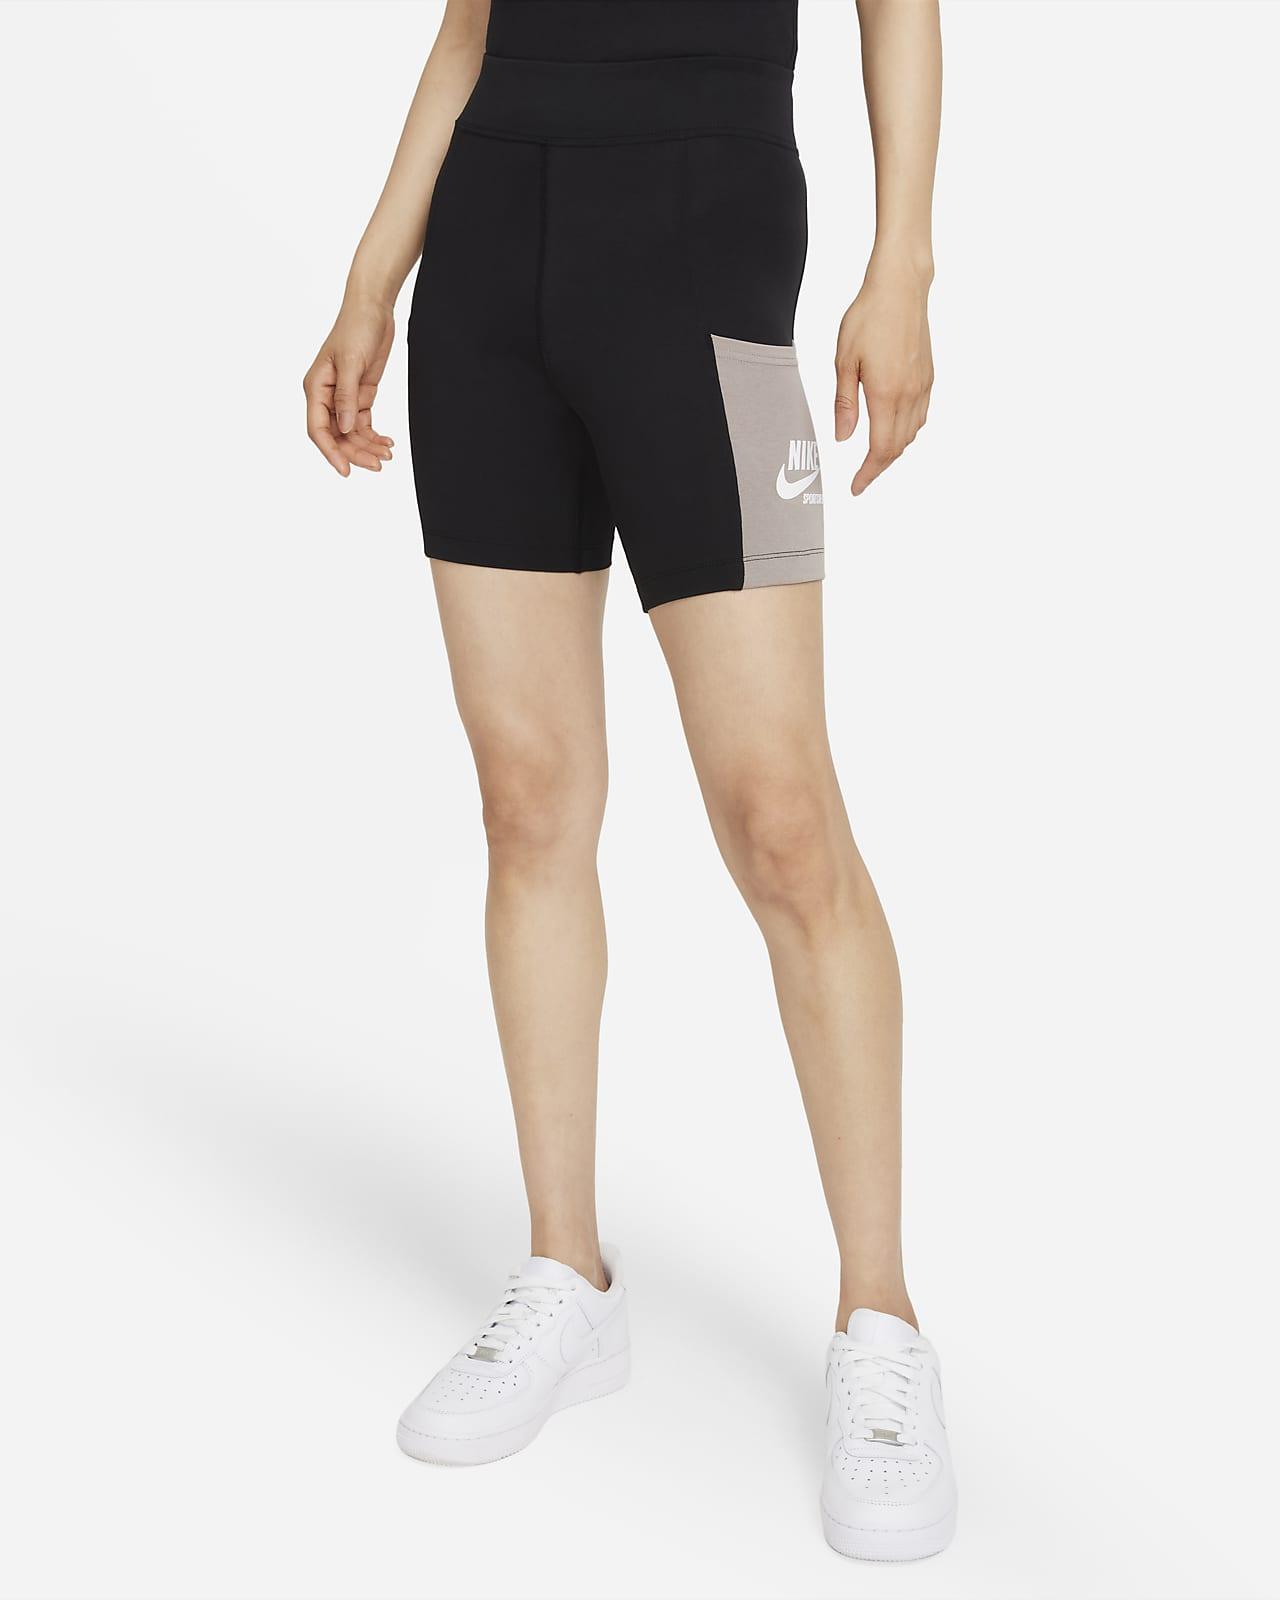 กางเกงปั่นจักรยานขาสั้นผู้หญิง Nike Sportswear Heritage